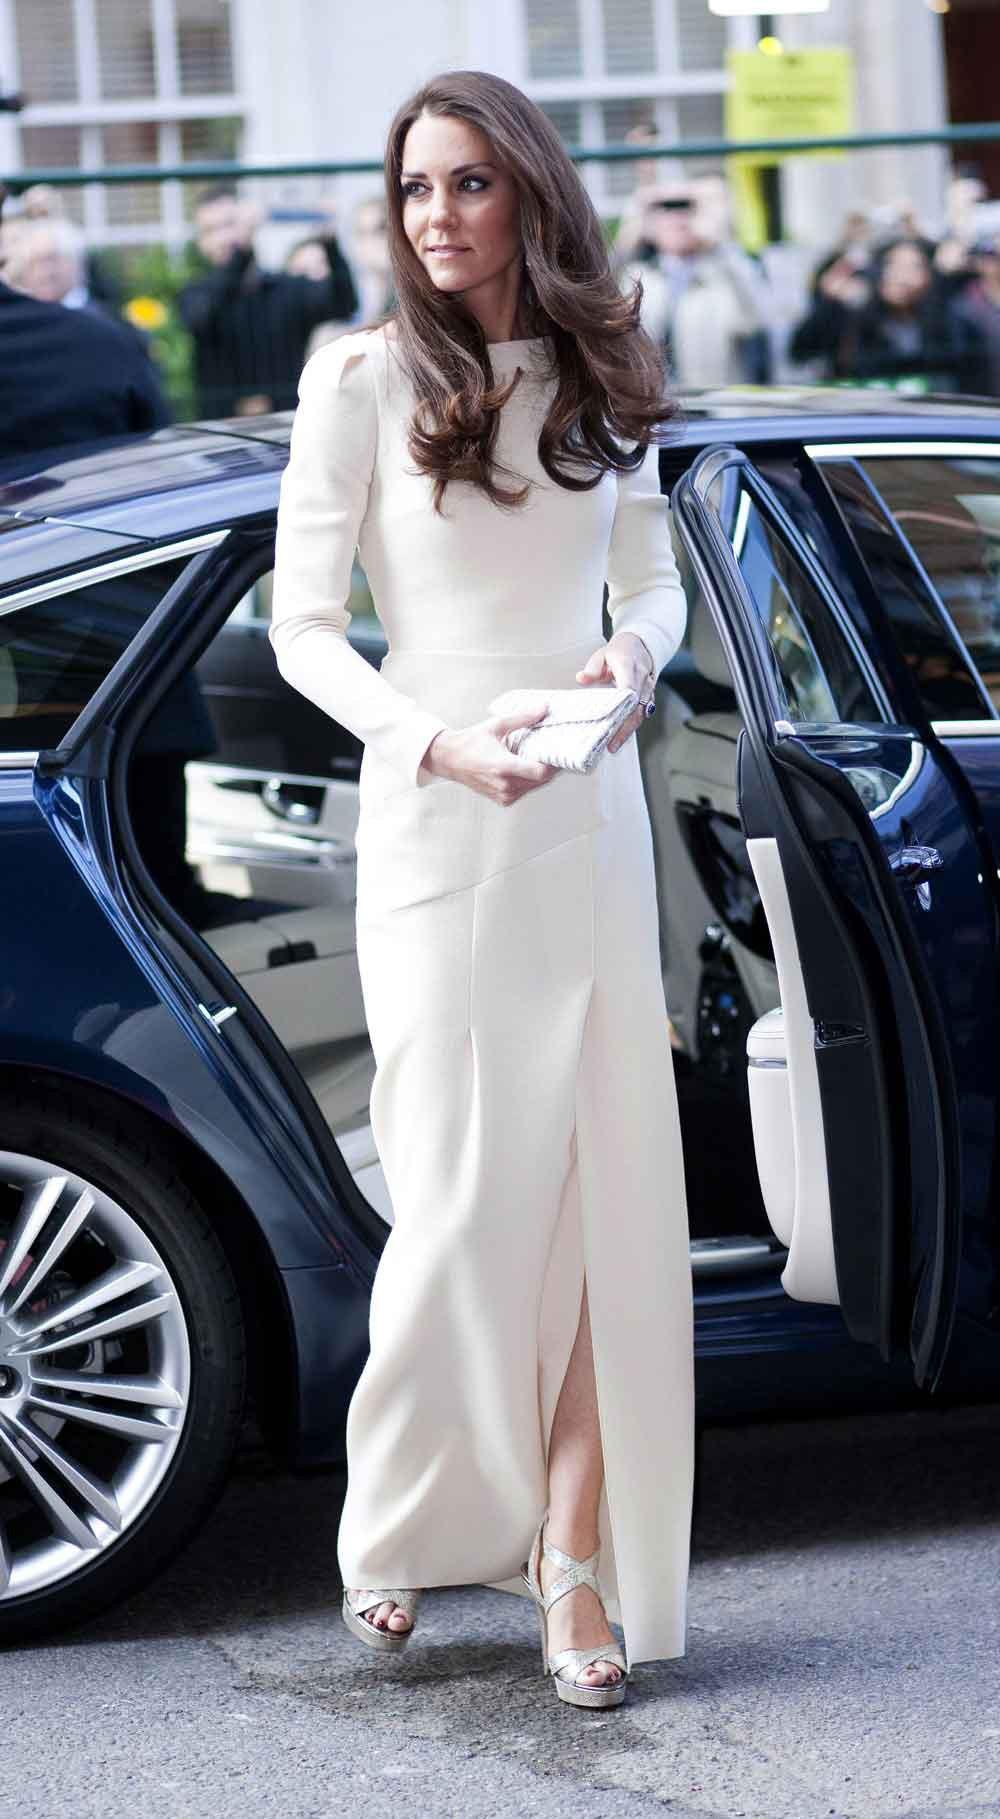 """Nổi tiếng dung dị, nhưng hóa ra Công nương Kate Middleton cũng từng phá luật """"chất chơi"""" nào kém Meghan Markle - Ảnh 1."""